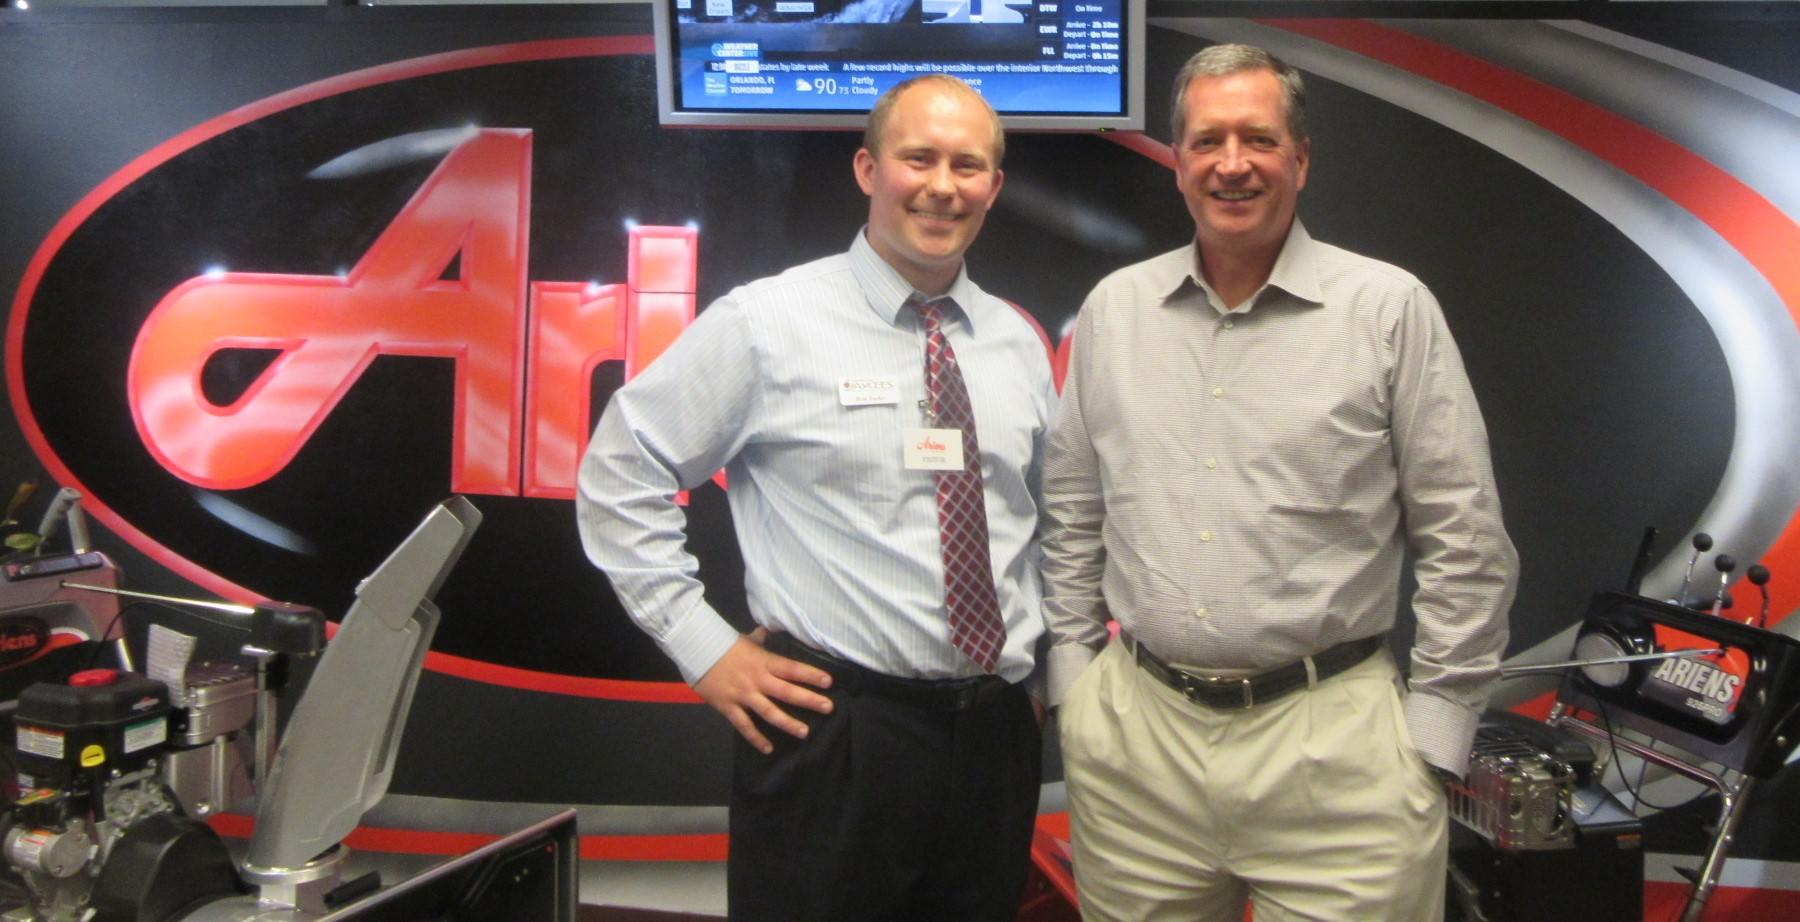 Ron Tusler with Dan Ariens